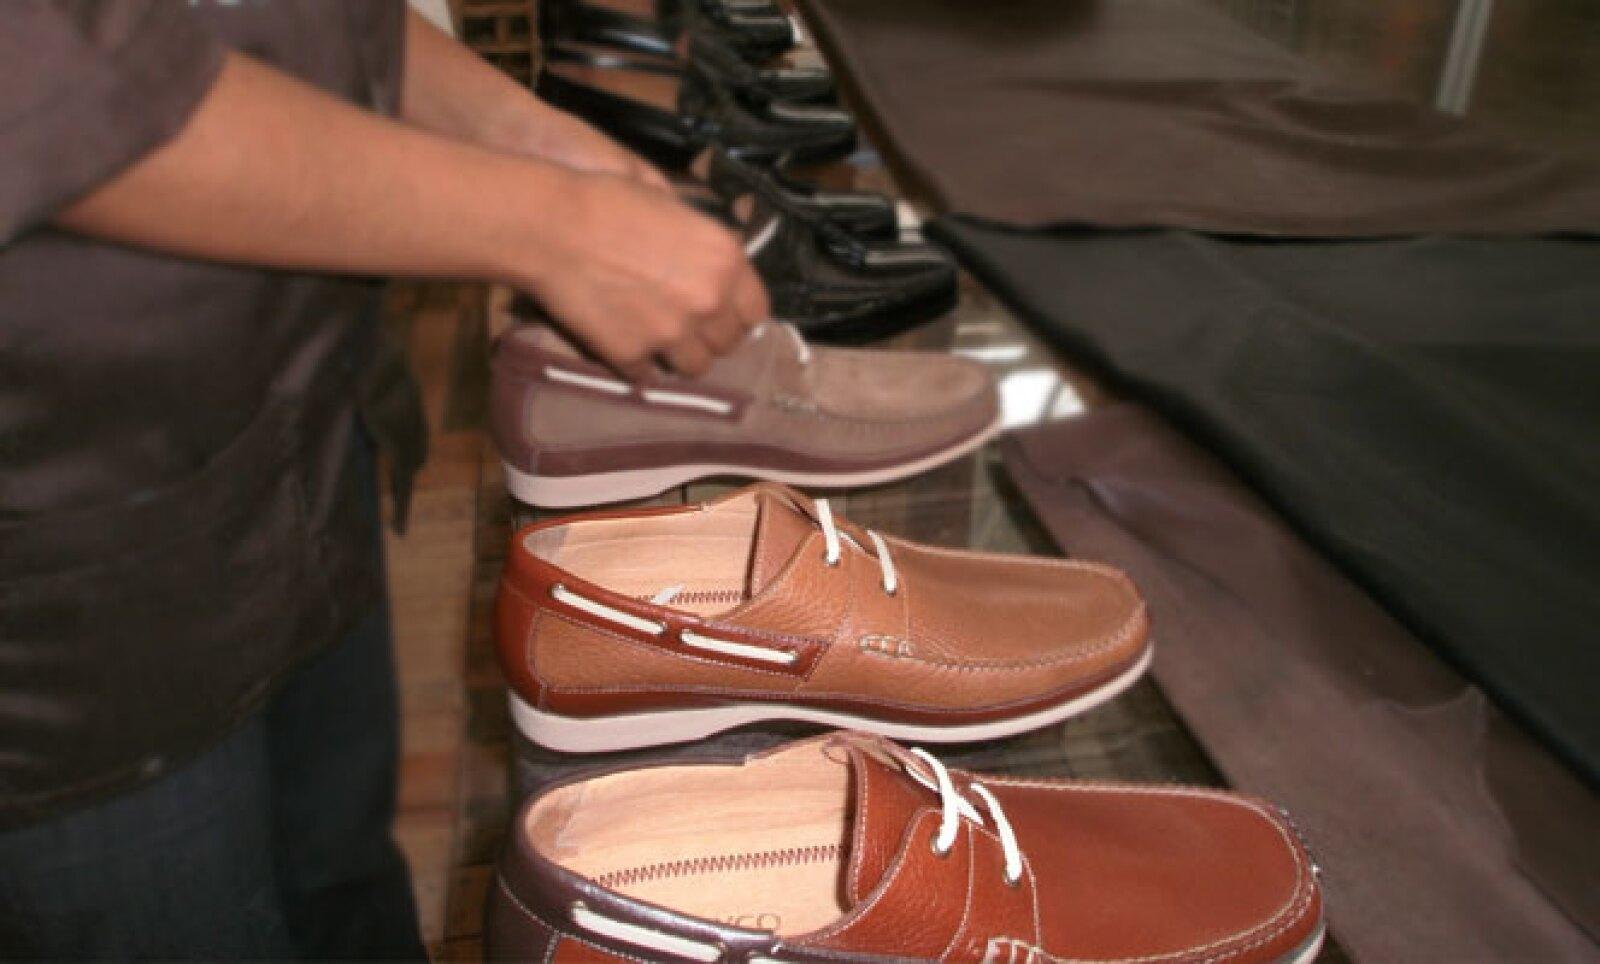 Los consumidores de zapatos buscan comodidad, moda y calidad en los zapatos; el consumo promedio de zapatos por mexicano es de 2.5 pares, anualmente.